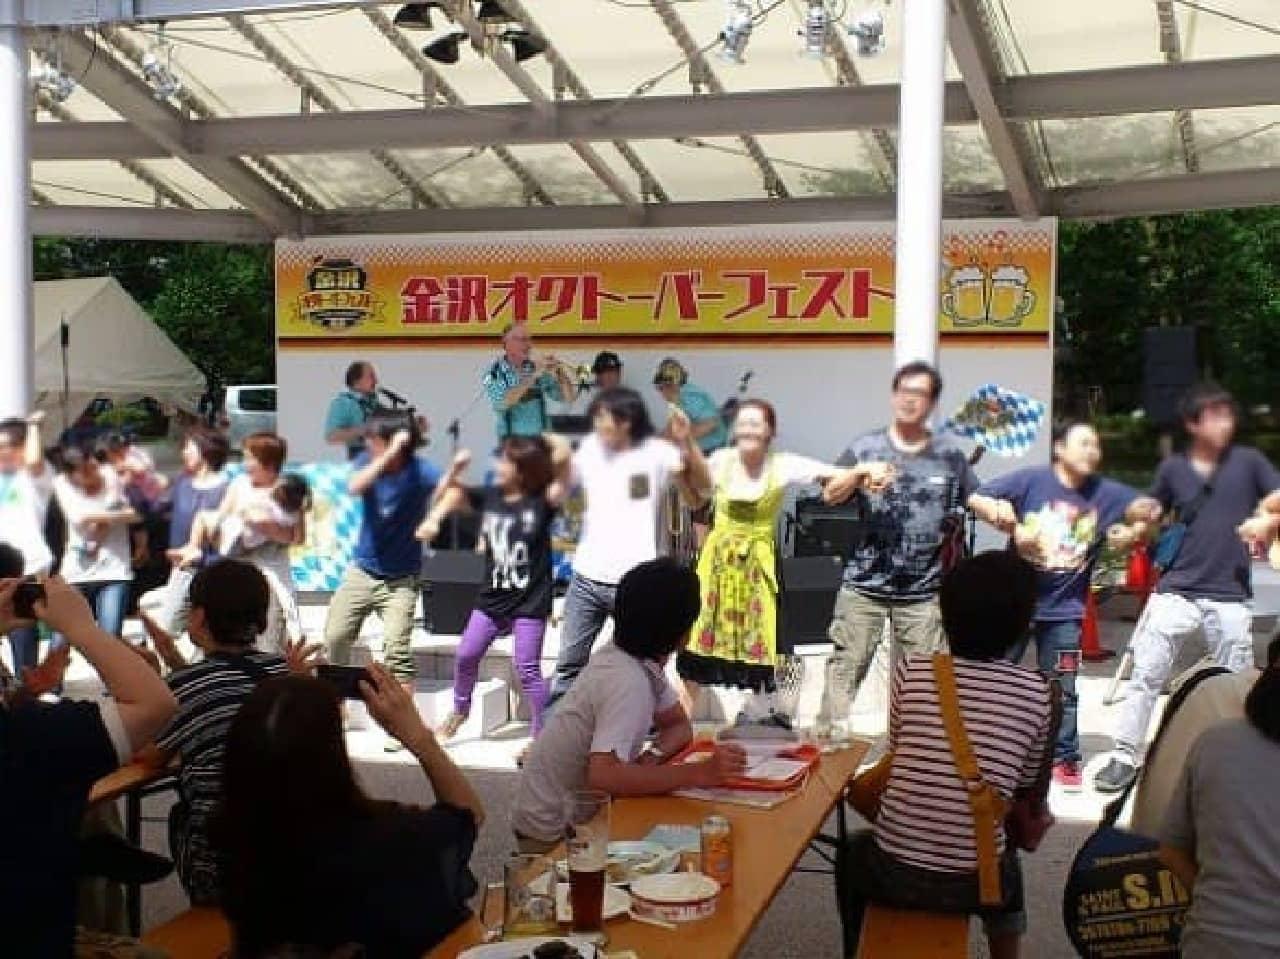 今年も開催!「金沢オクトーバーフェスト2015」